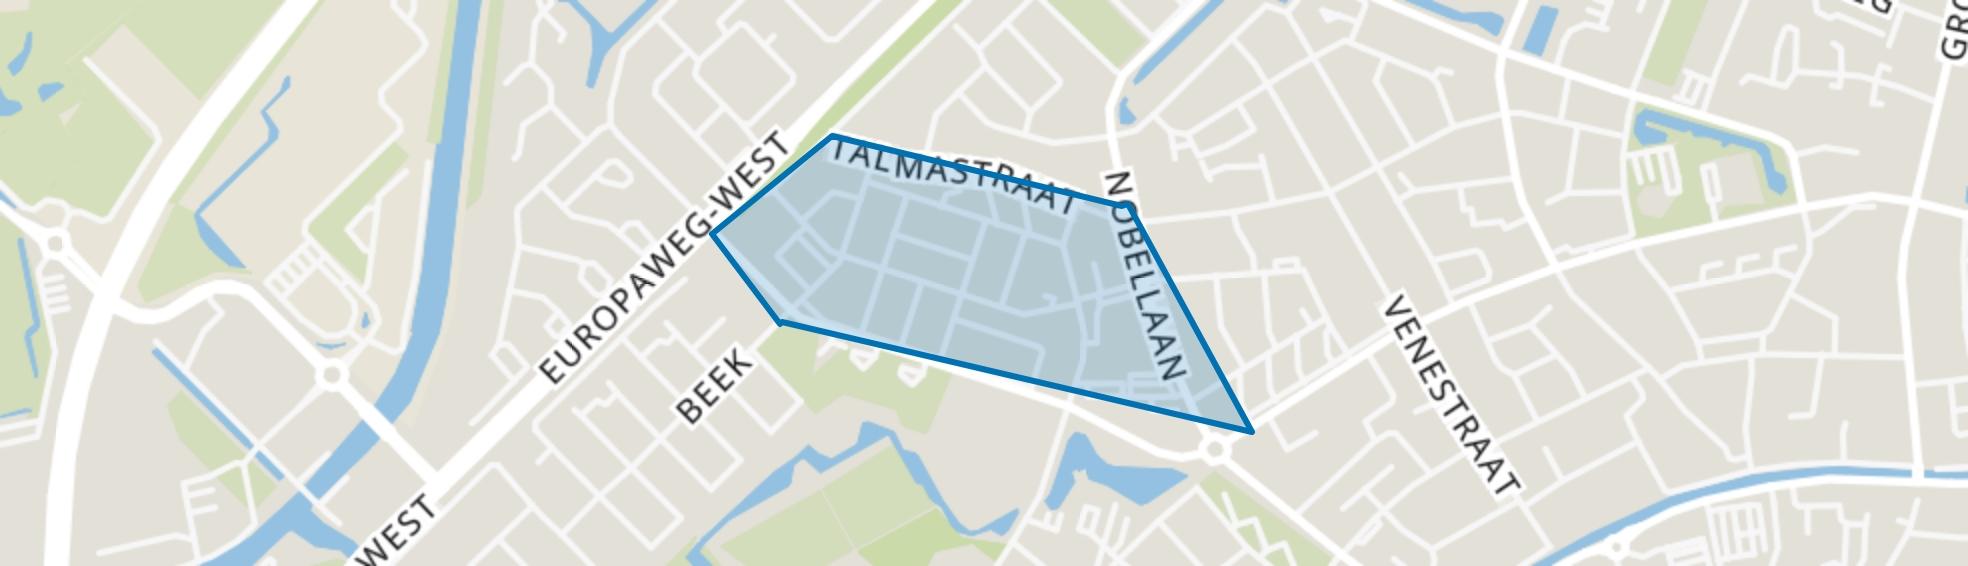 Luchiesland Zuid, Assen map